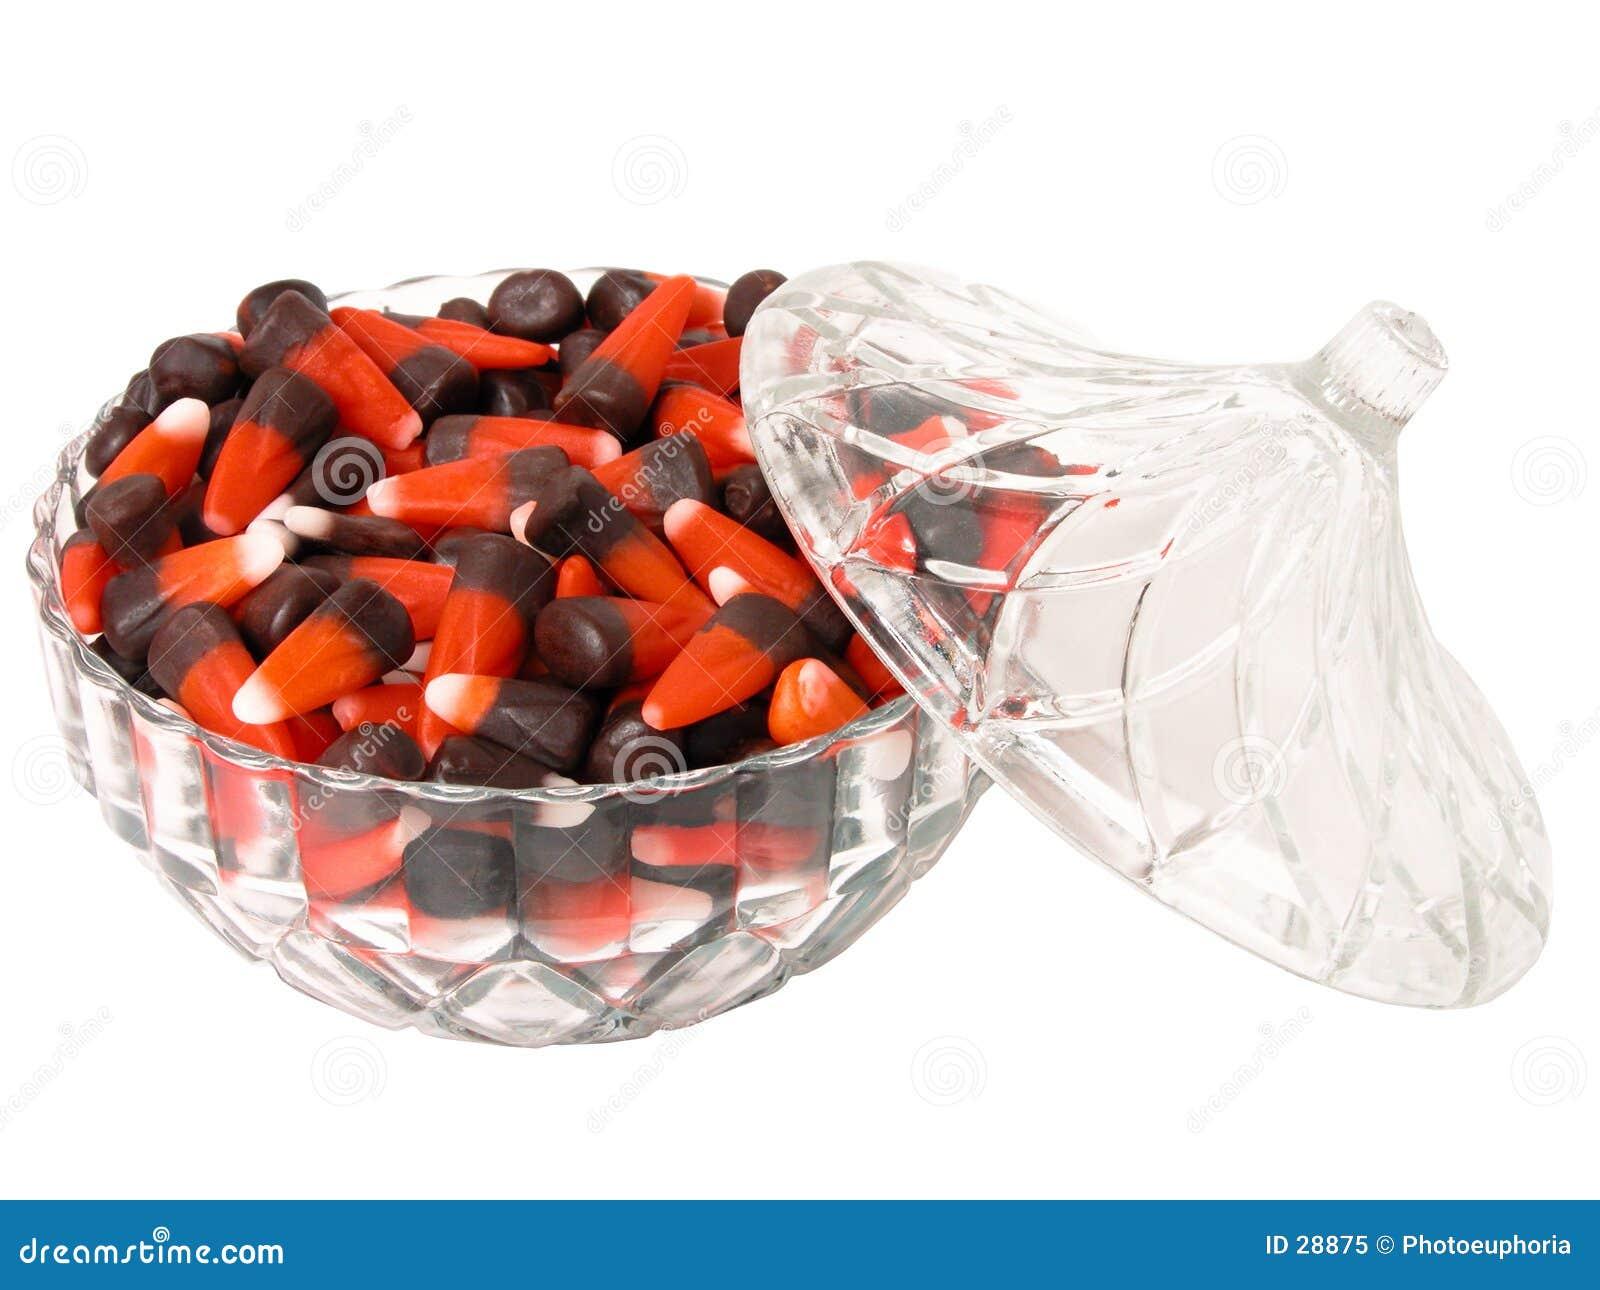 Candy kukurydzę dekoracyjnego łańcucha szklany hindus statków